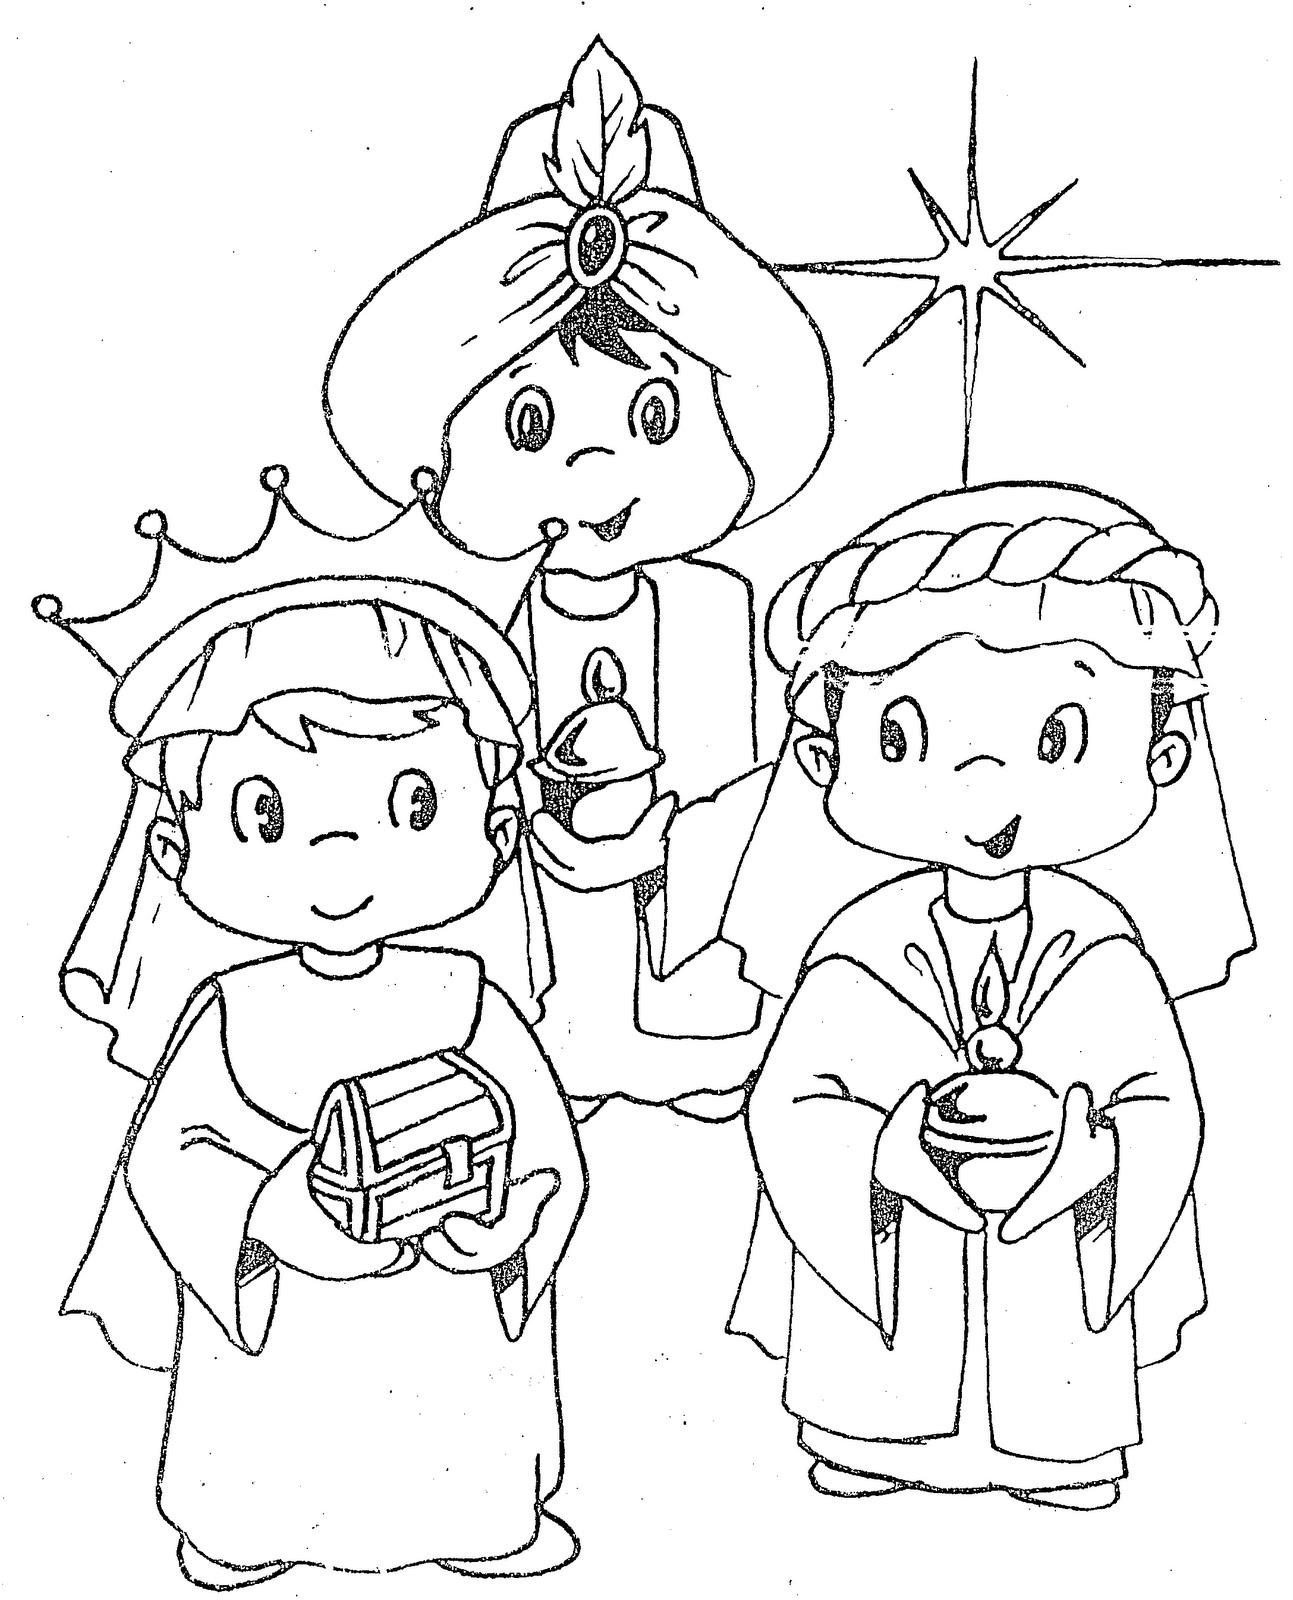 Cartas para los Reyes y Dibujos infantiles de los Reyes Magos para